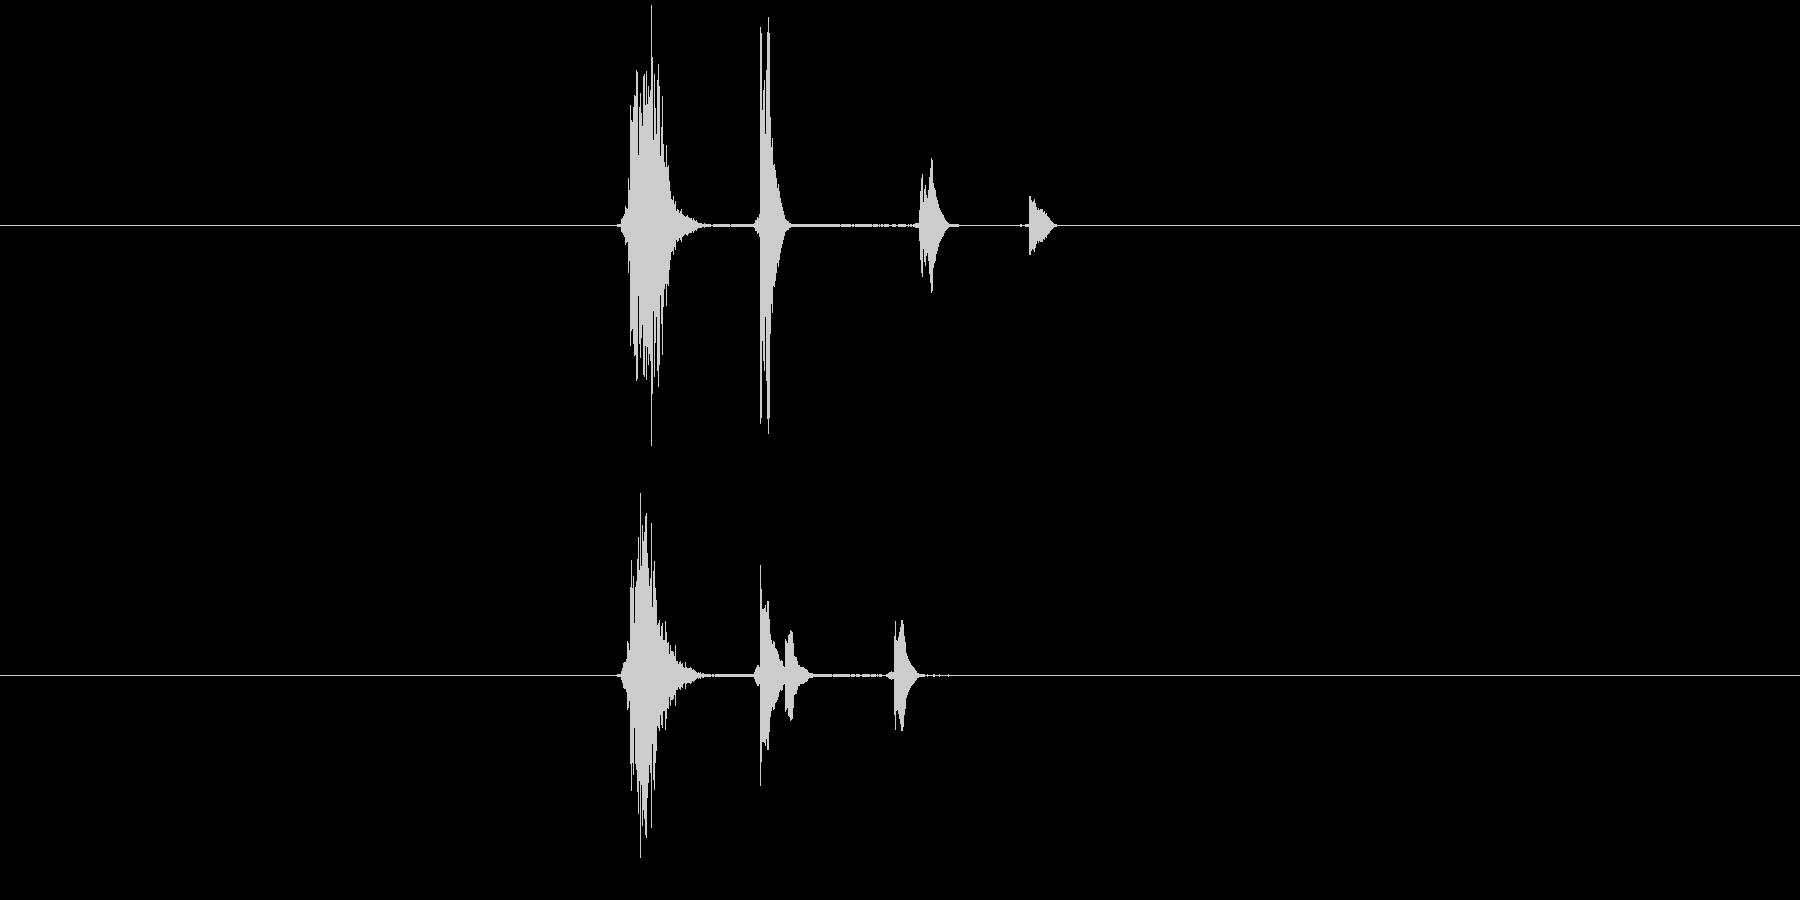 決定音やマウスオーバー音。かわいらしい…の未再生の波形